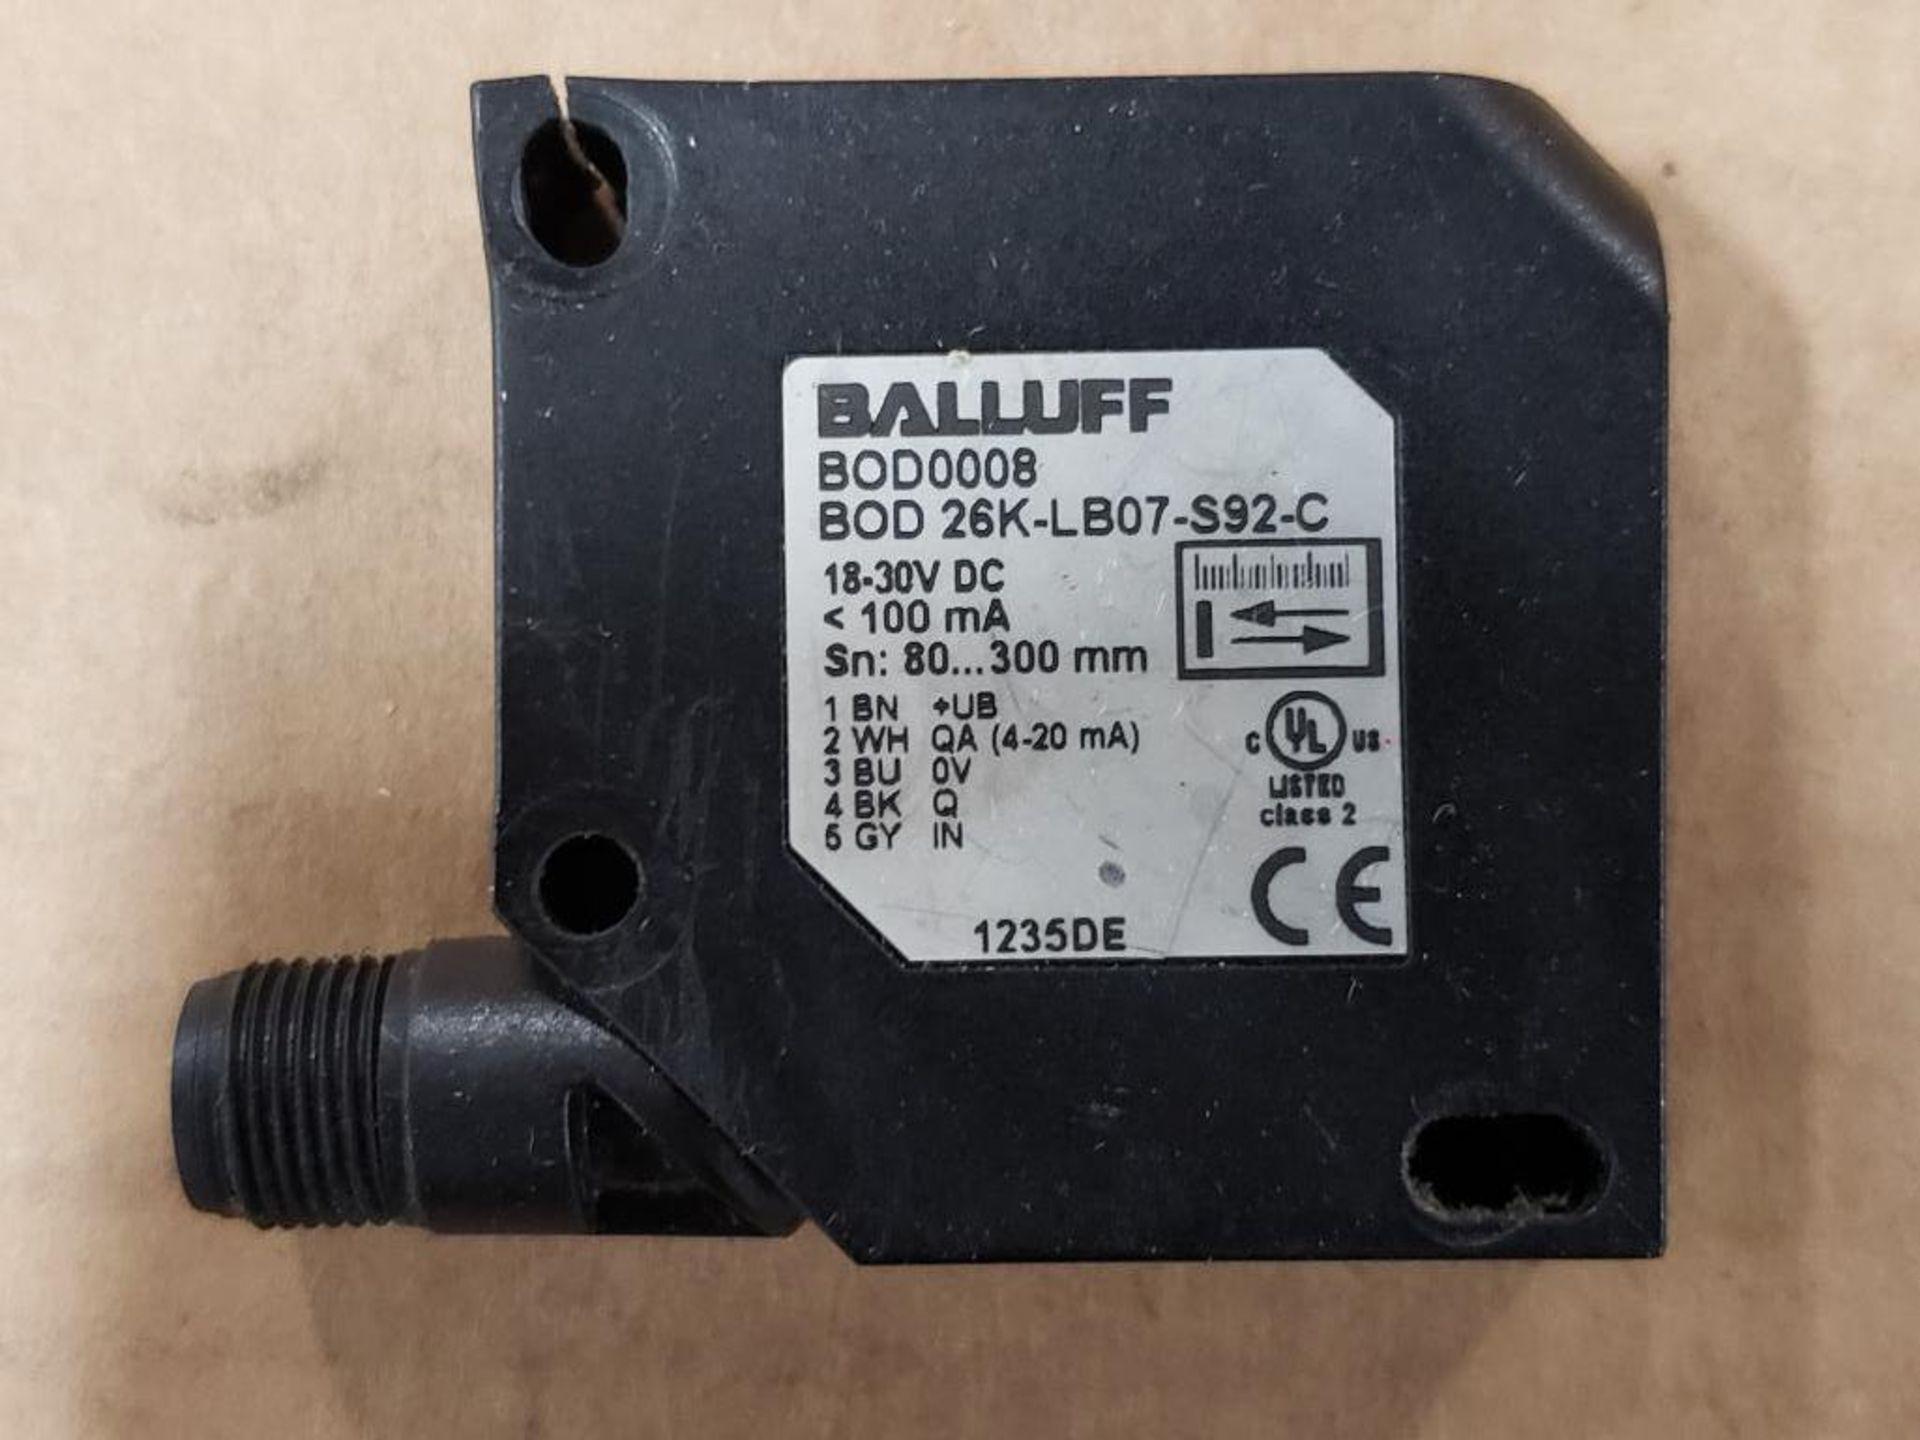 Qty 3 - Balluff BOD0008 BOD 26K-LB07-S92-C Sensor. - Image 2 of 10